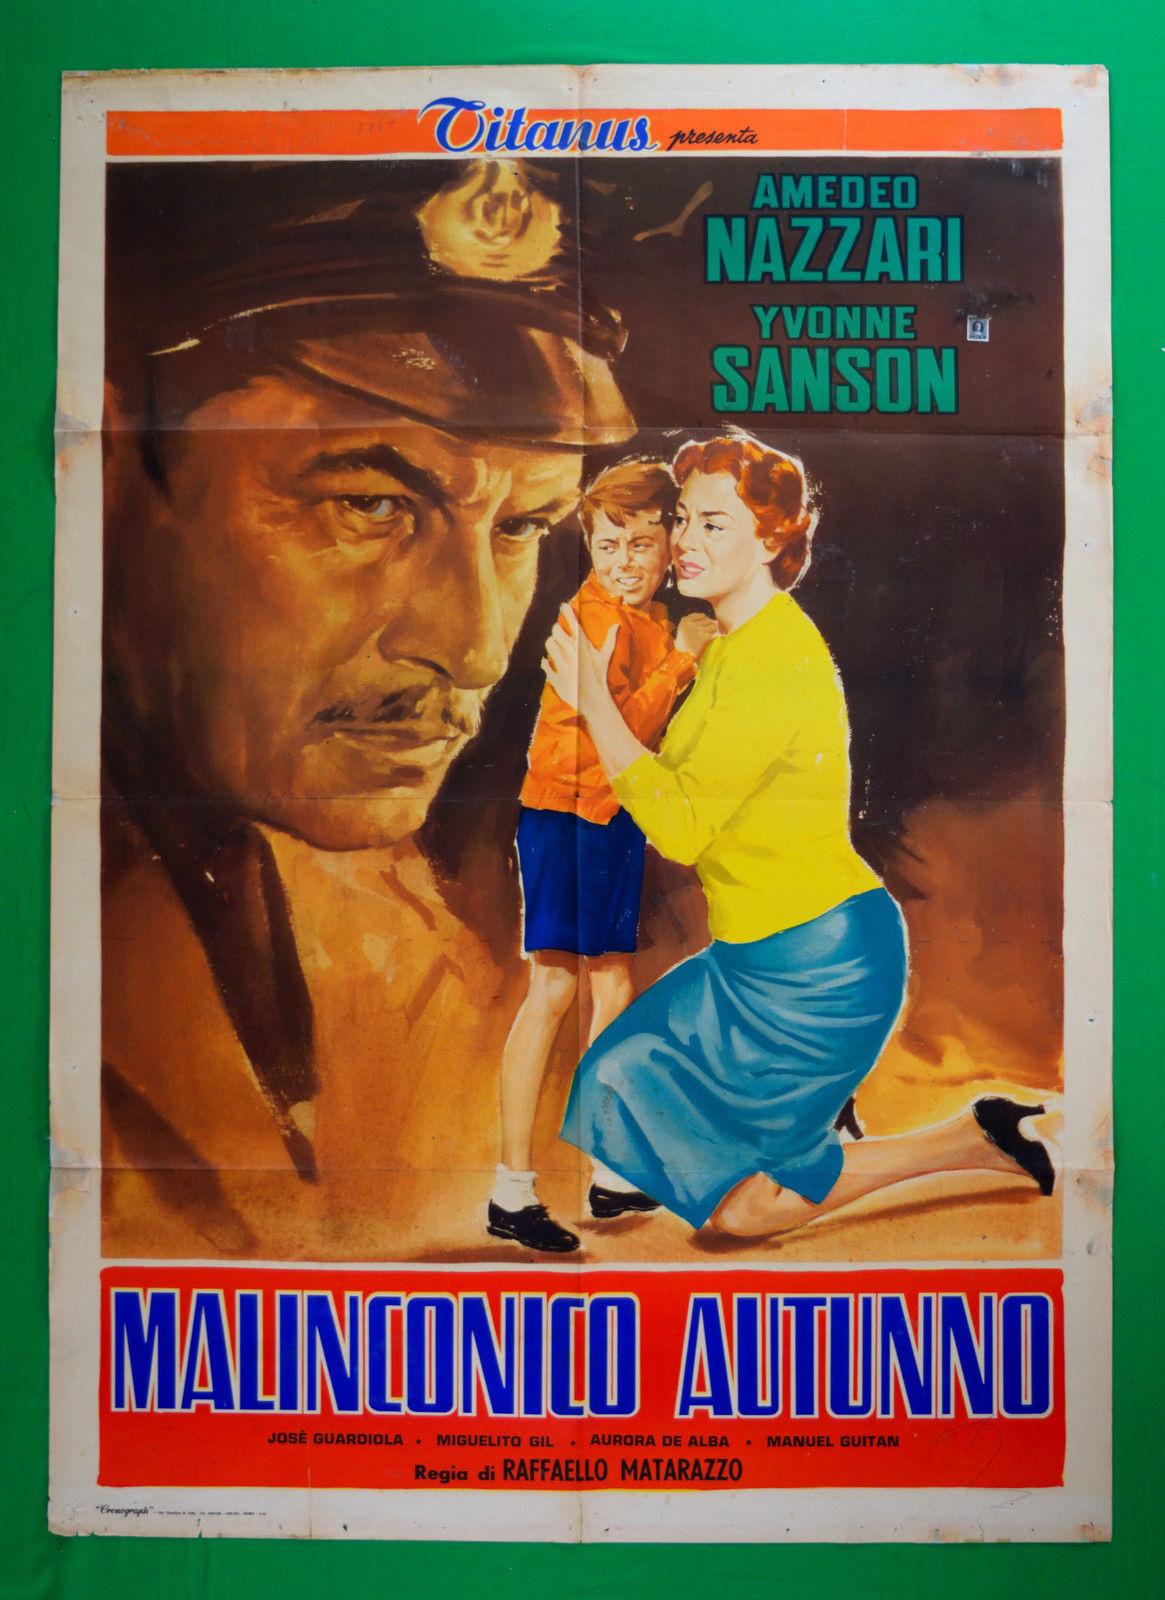 Affiche du film Malinconico autunno (1958) de Raffaello Matarazzo